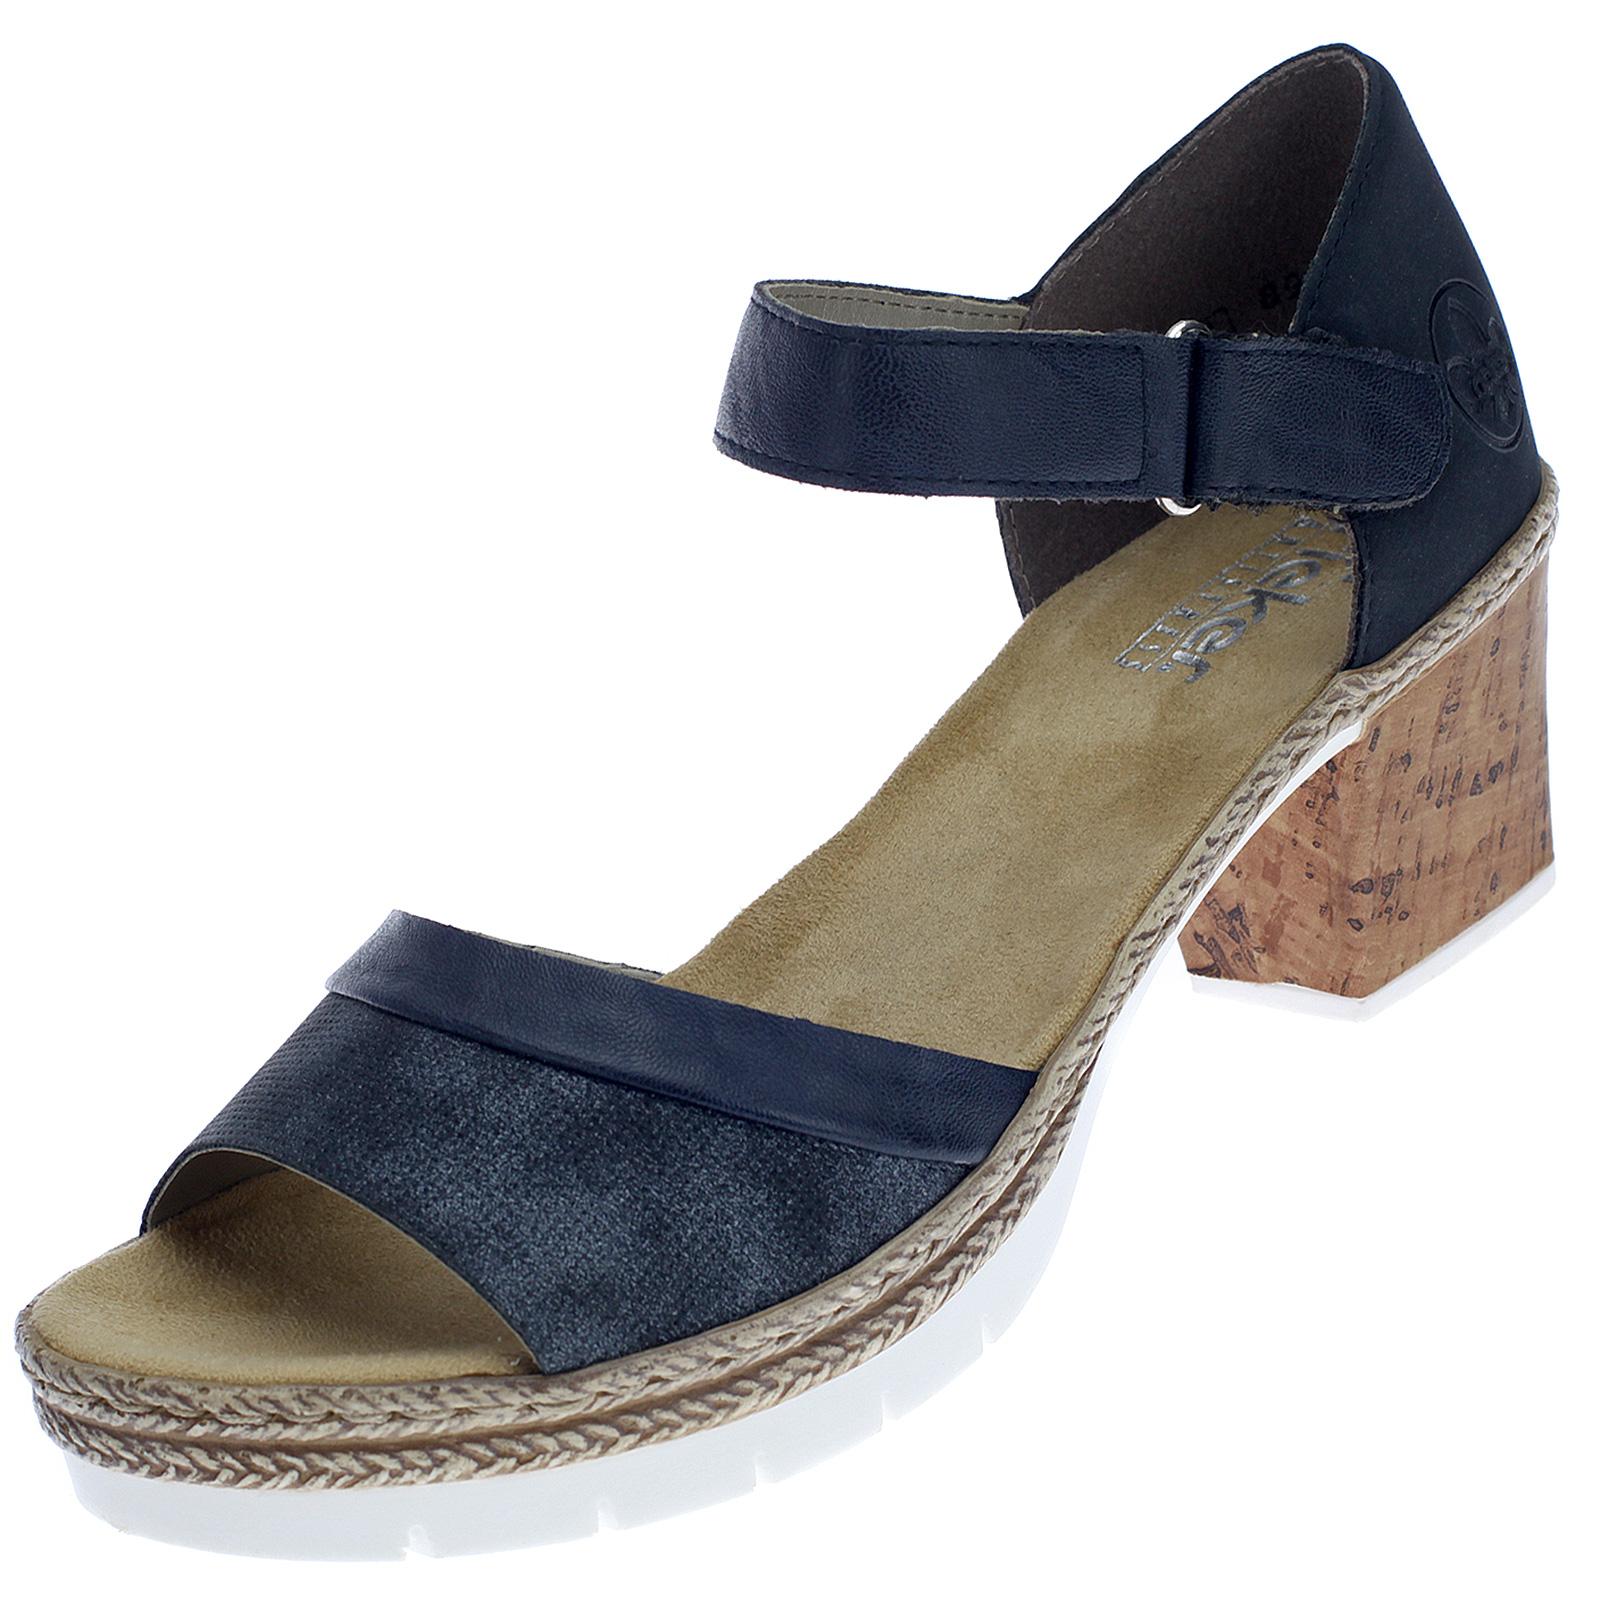 Rieker Damen Sandalen Sandaletten Damenschuhe Riemchen Sommerschuhe Blau V29A6-14